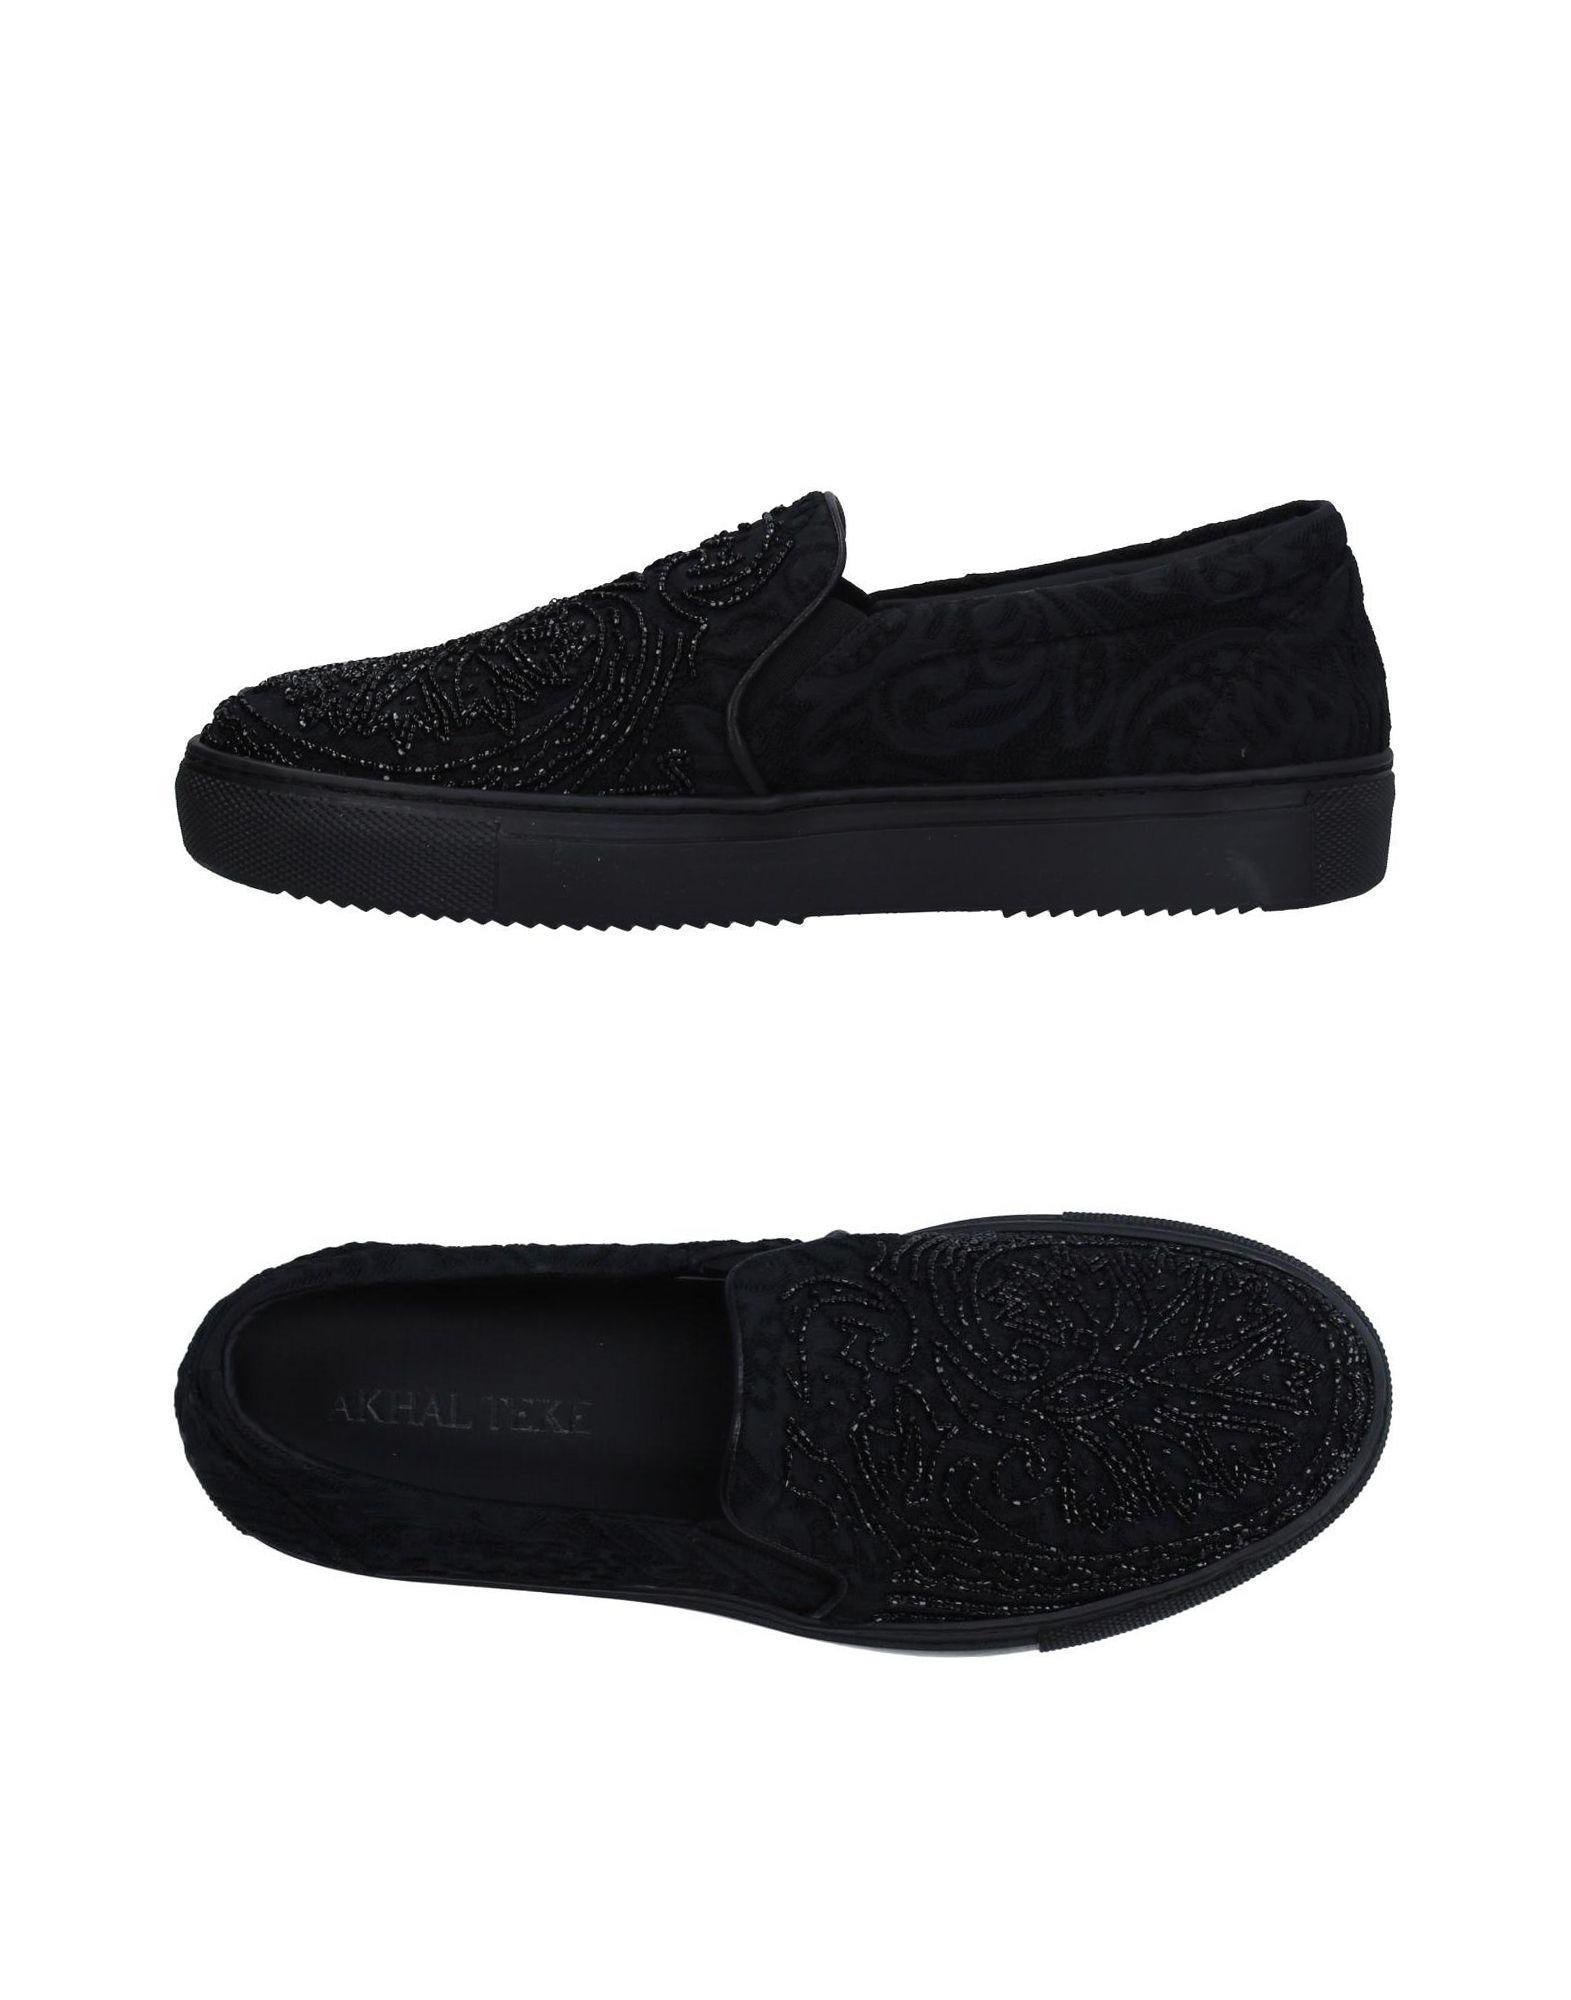 Akhal Tekè Sneakers Damen  11329723SP 11329723SP  770b65